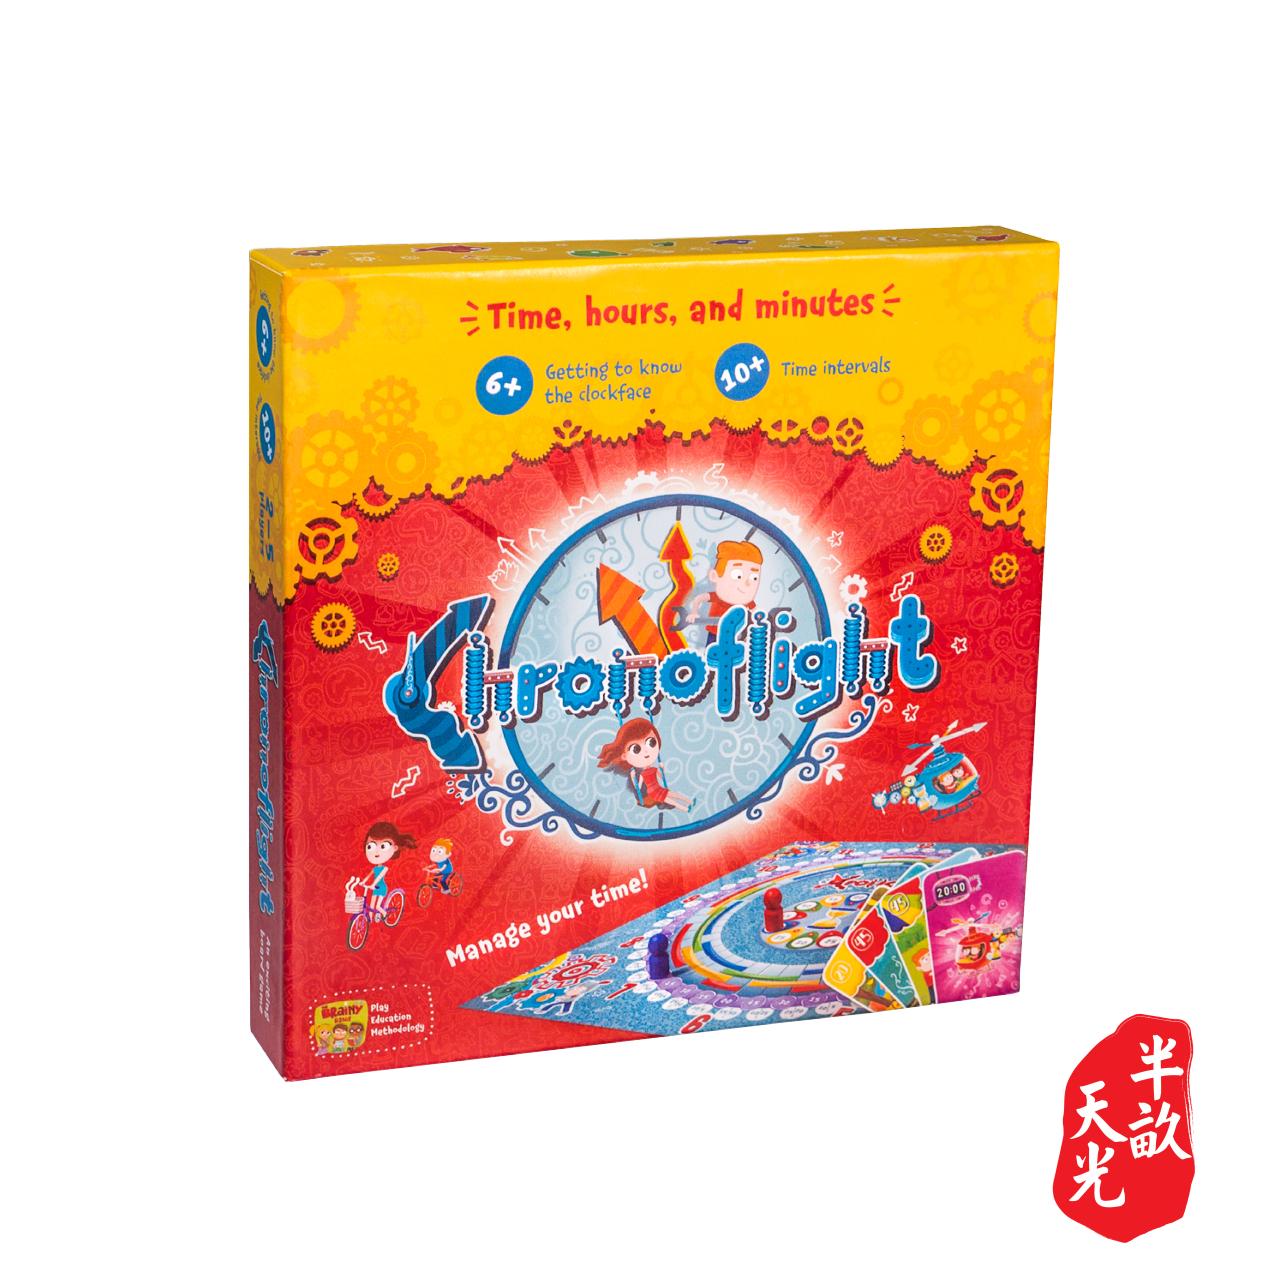 儿童桌游/正版桌游/儿童游戏: 时间轮盘 Chronoflight